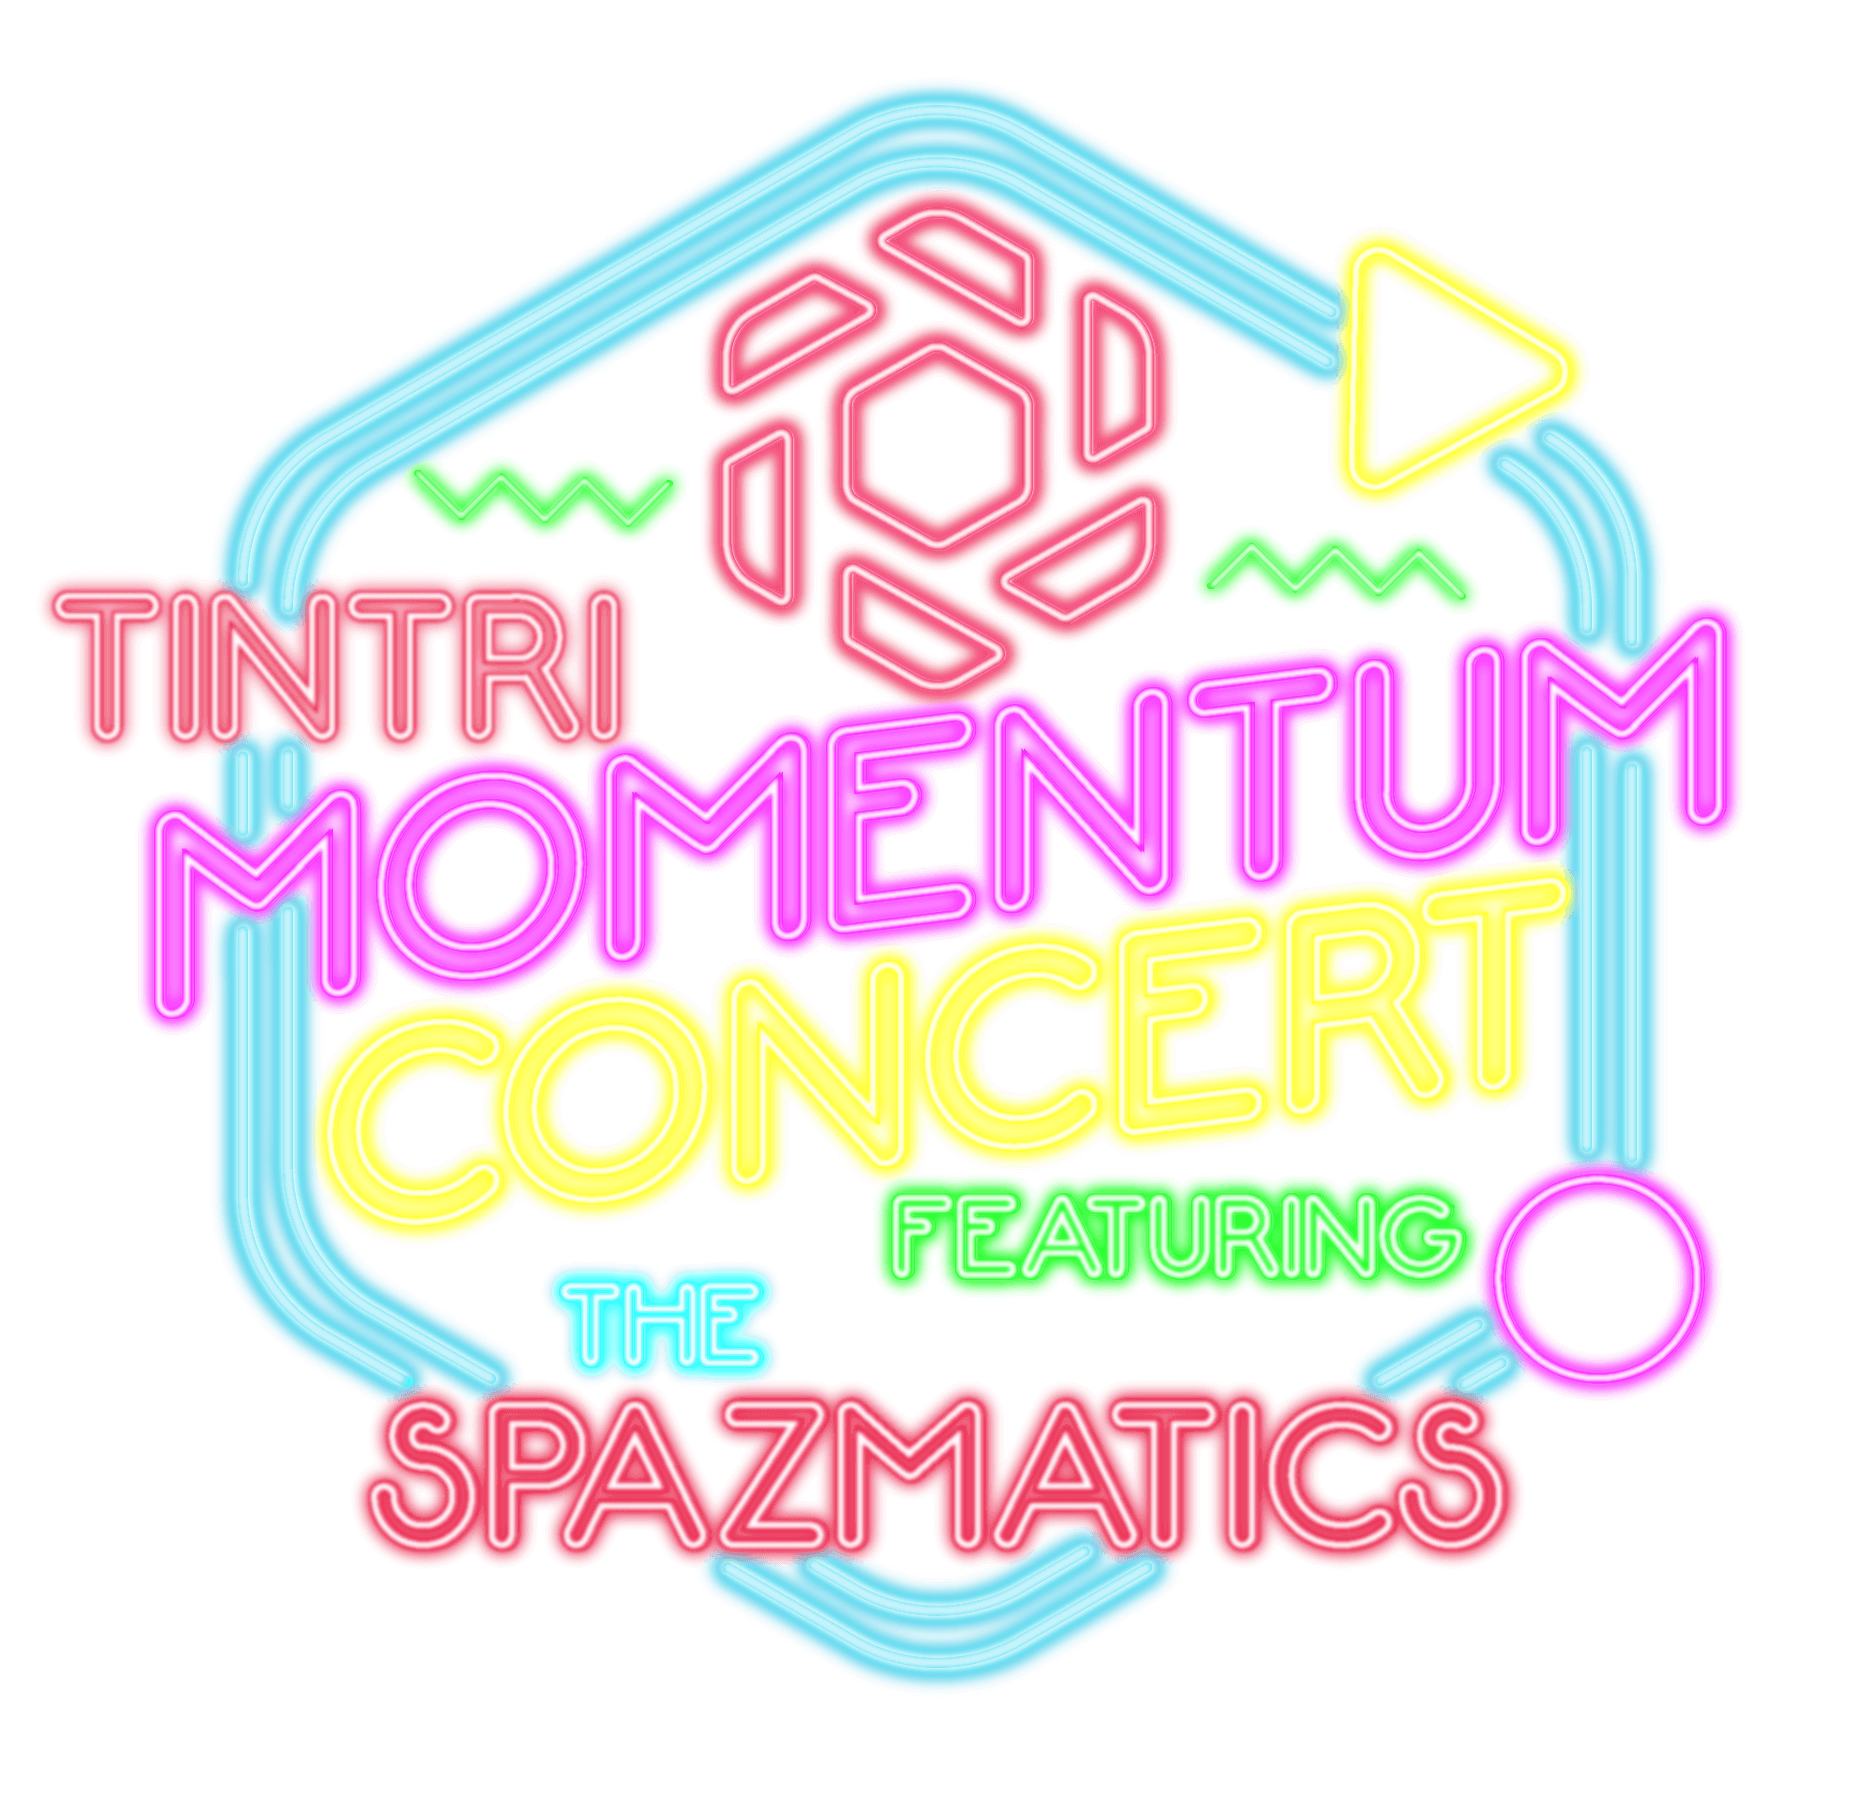 TINTRI MOMENTUM CONCERT FEATURING THE SPAZMATICS